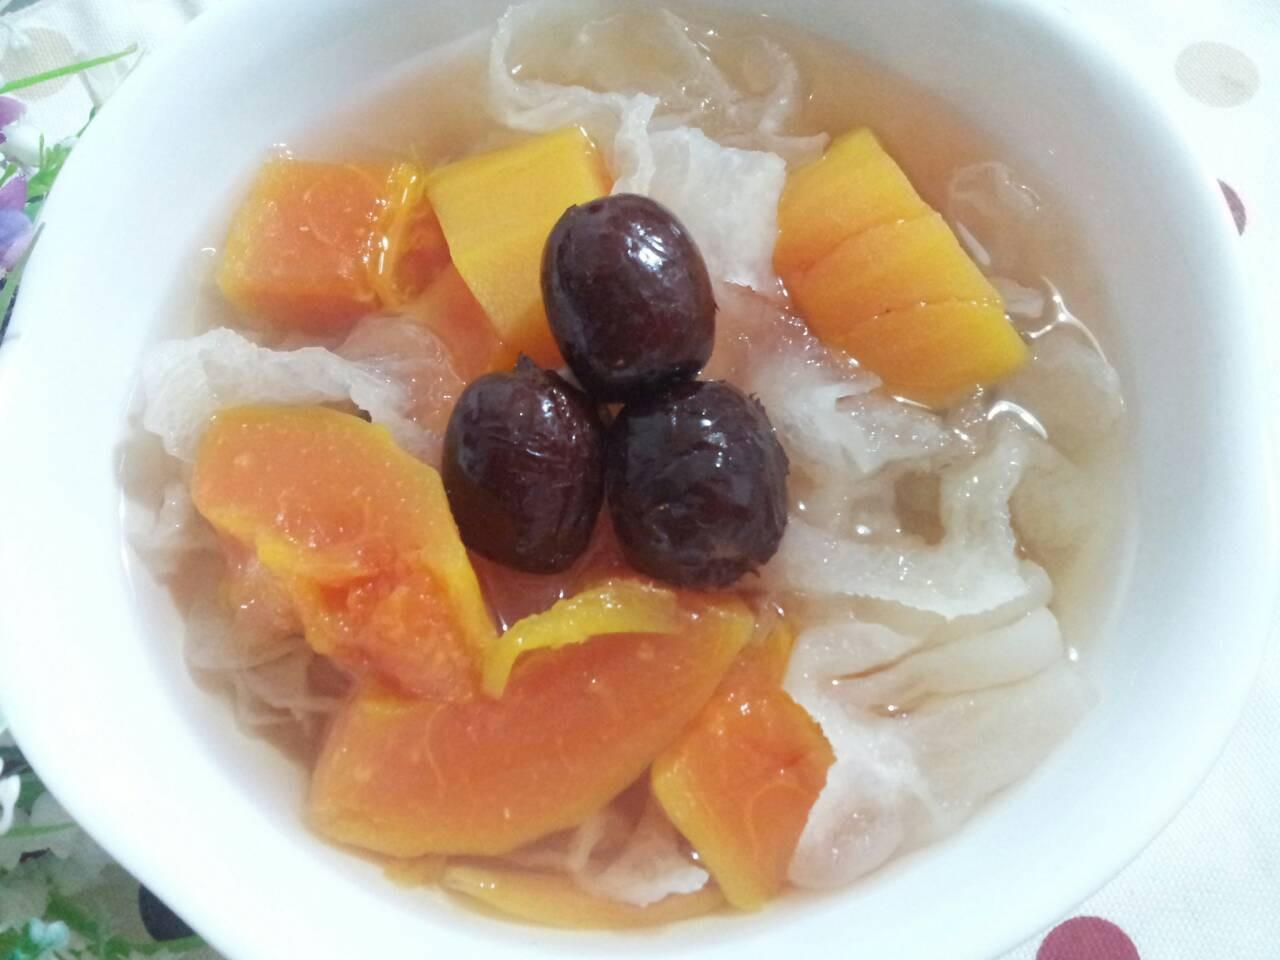 港式滋潤補血甜湯 ~ 紅棗木瓜銀耳糖水